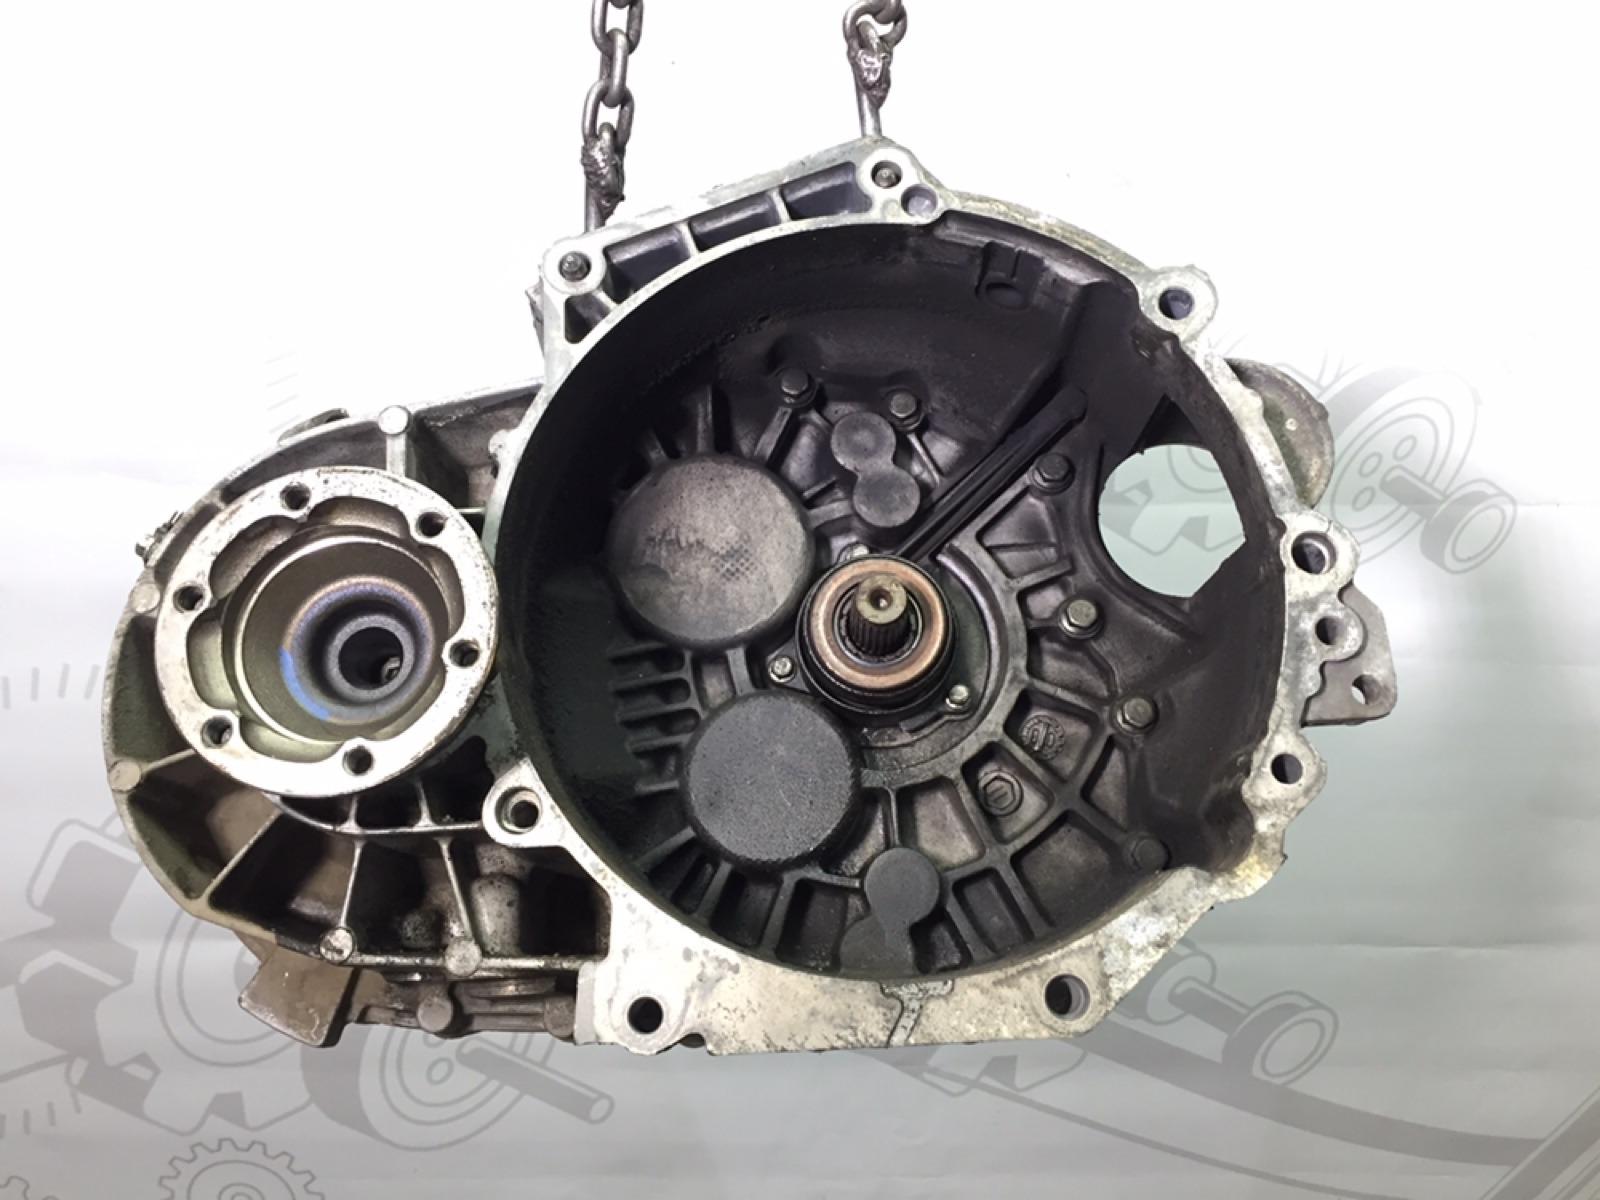 Кпп механическая (мкпп) Volkswagen Bora 1.9 TDI 2001 (б/у)